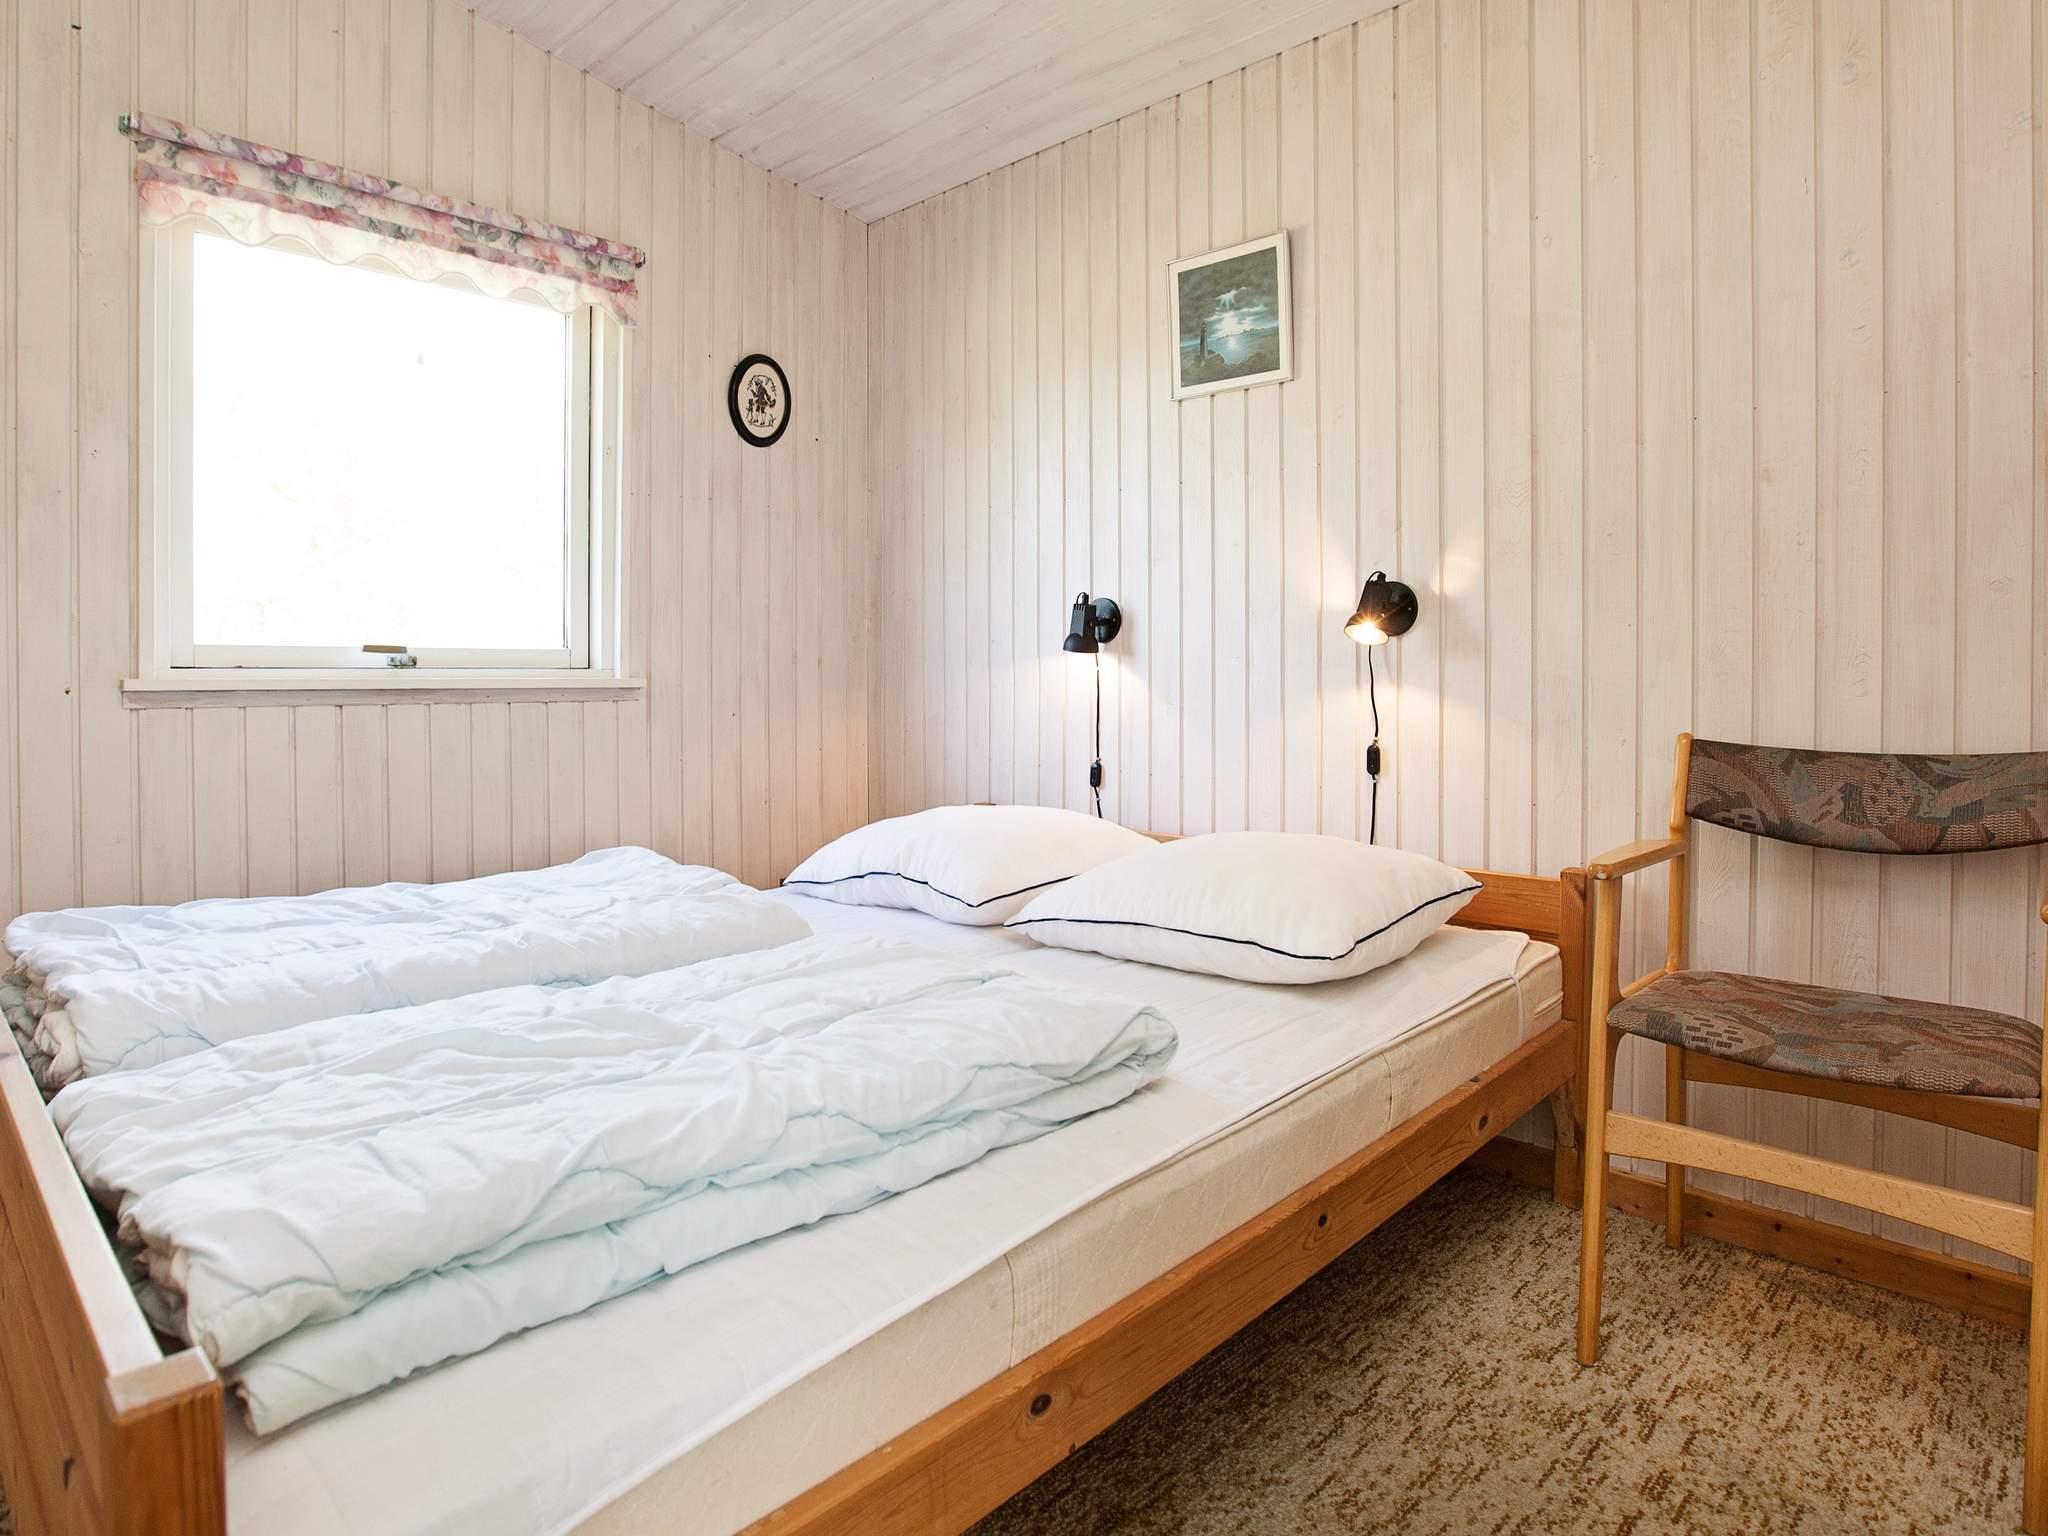 Ferienhaus Hummingen (81995), Hummingen, , Lolland, Dänemark, Bild 9